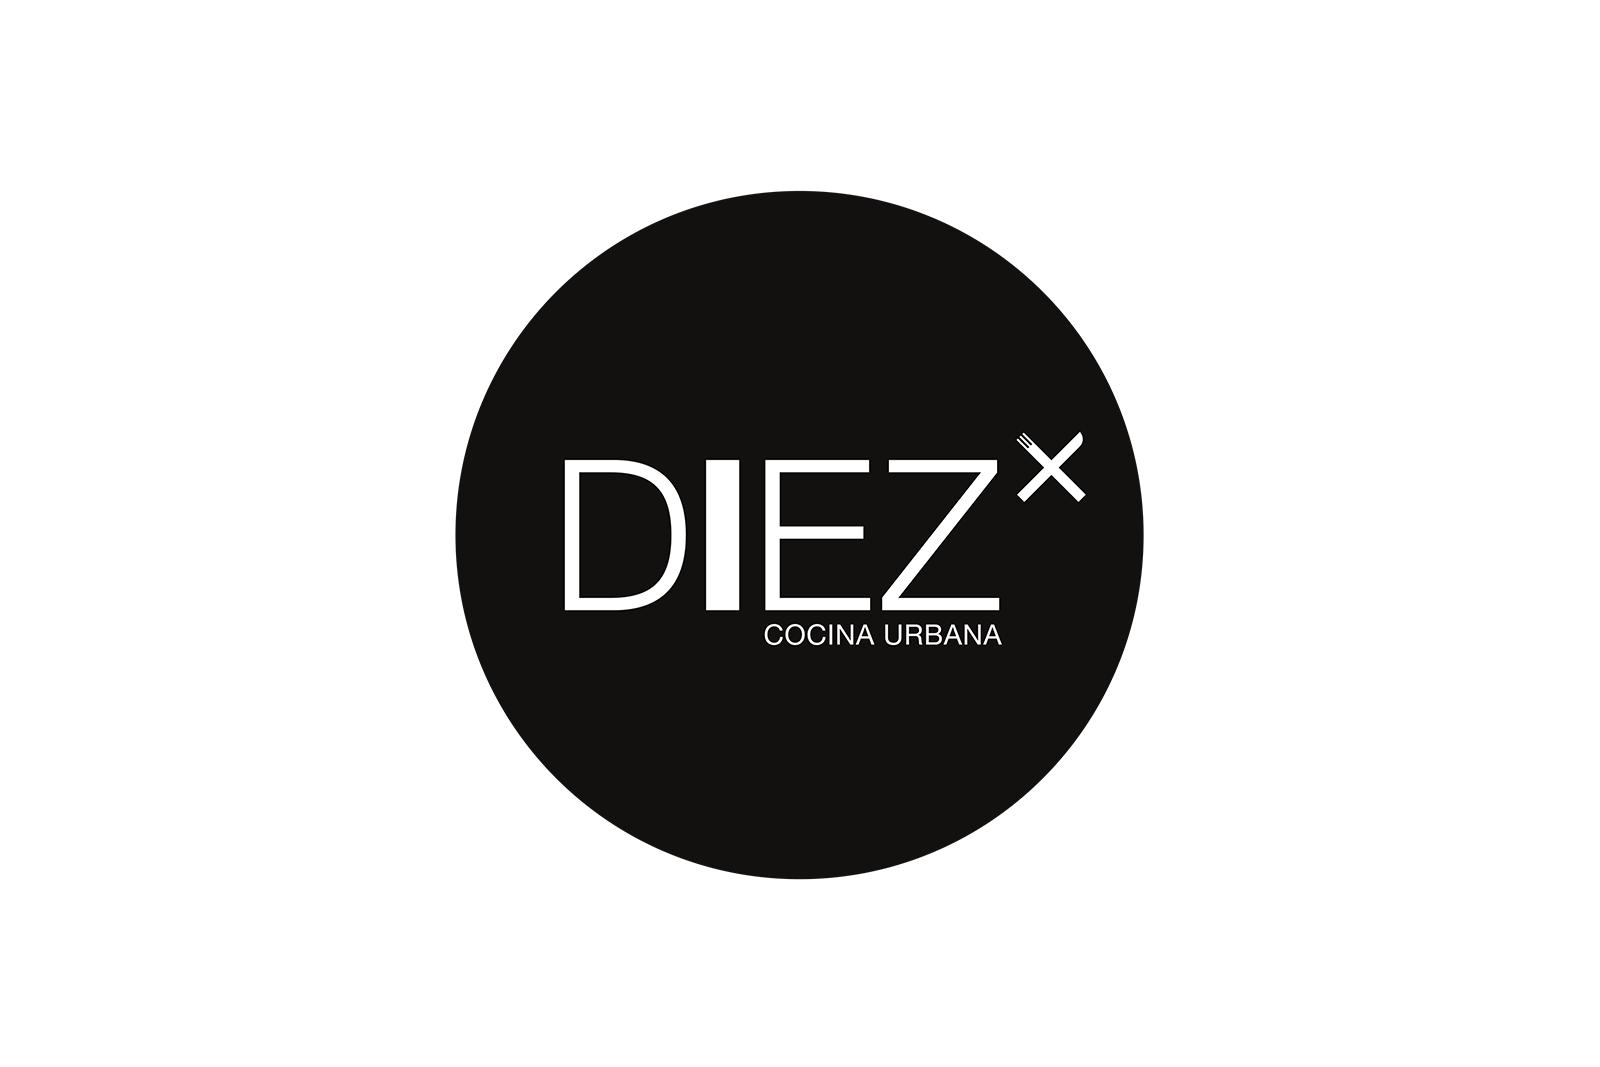 logo_Diez-1